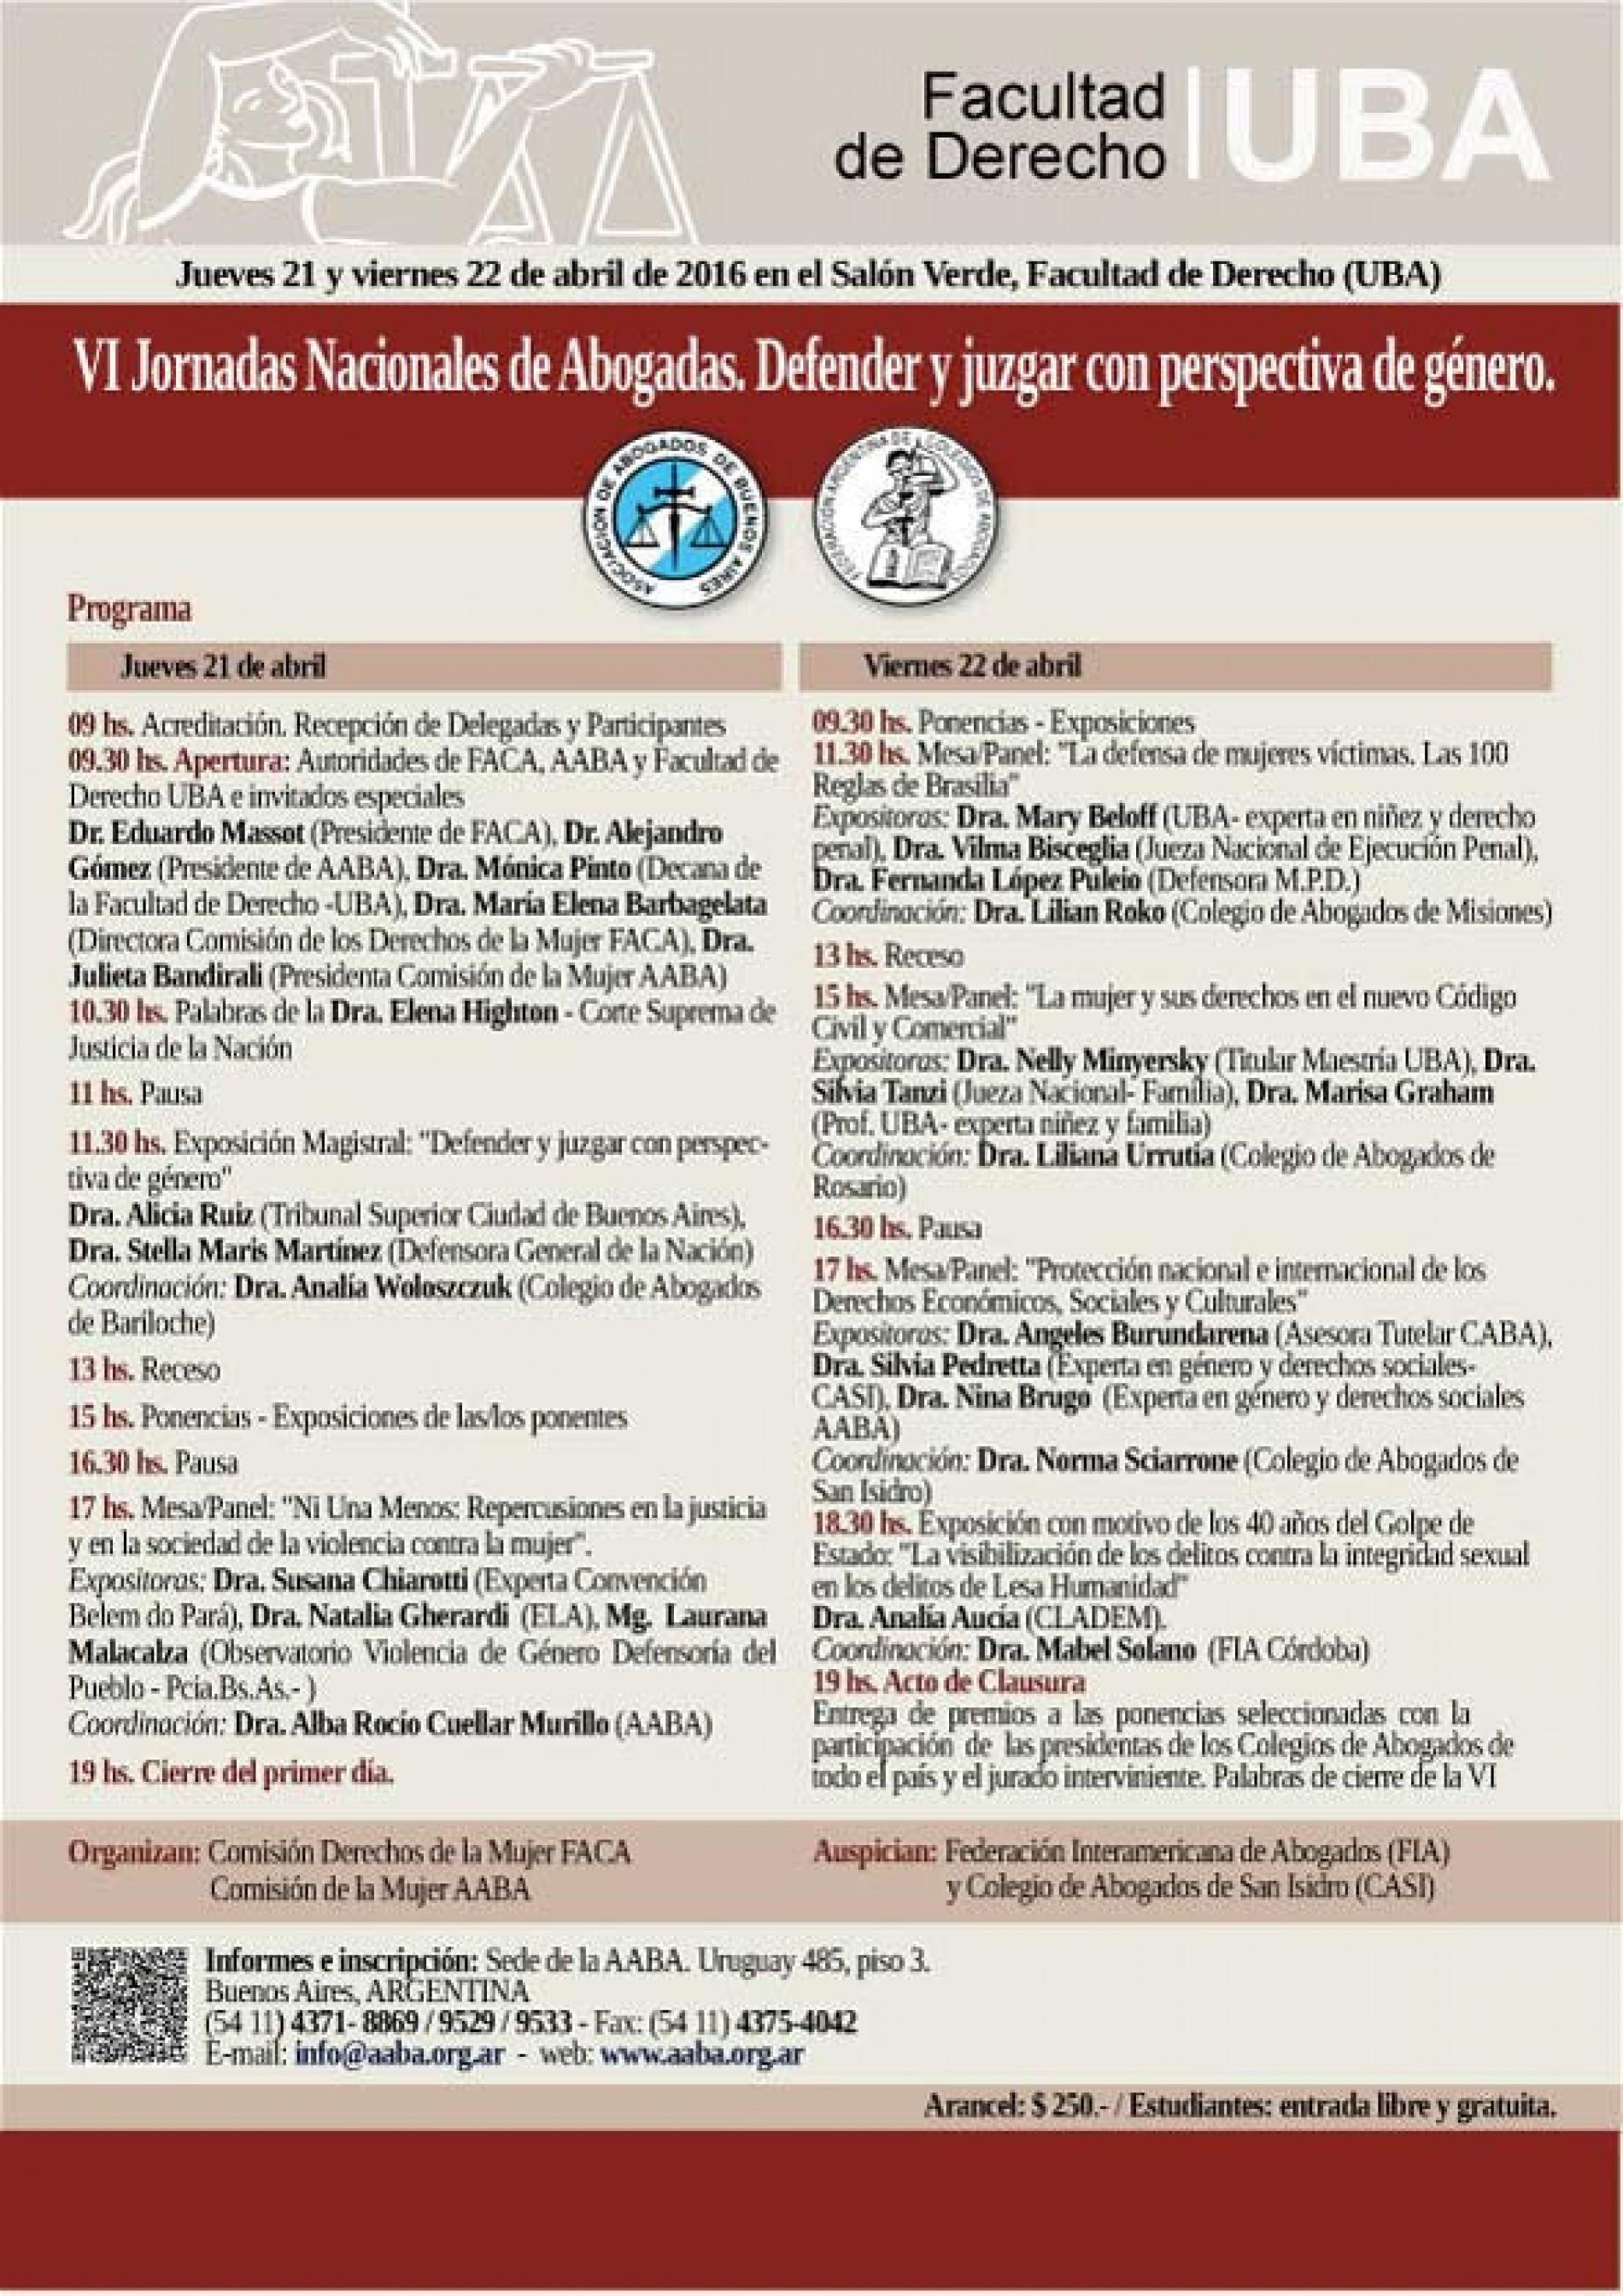 VI Jornadas Nacionales de Abogadas: Defender y juzgar con perspectiva de género